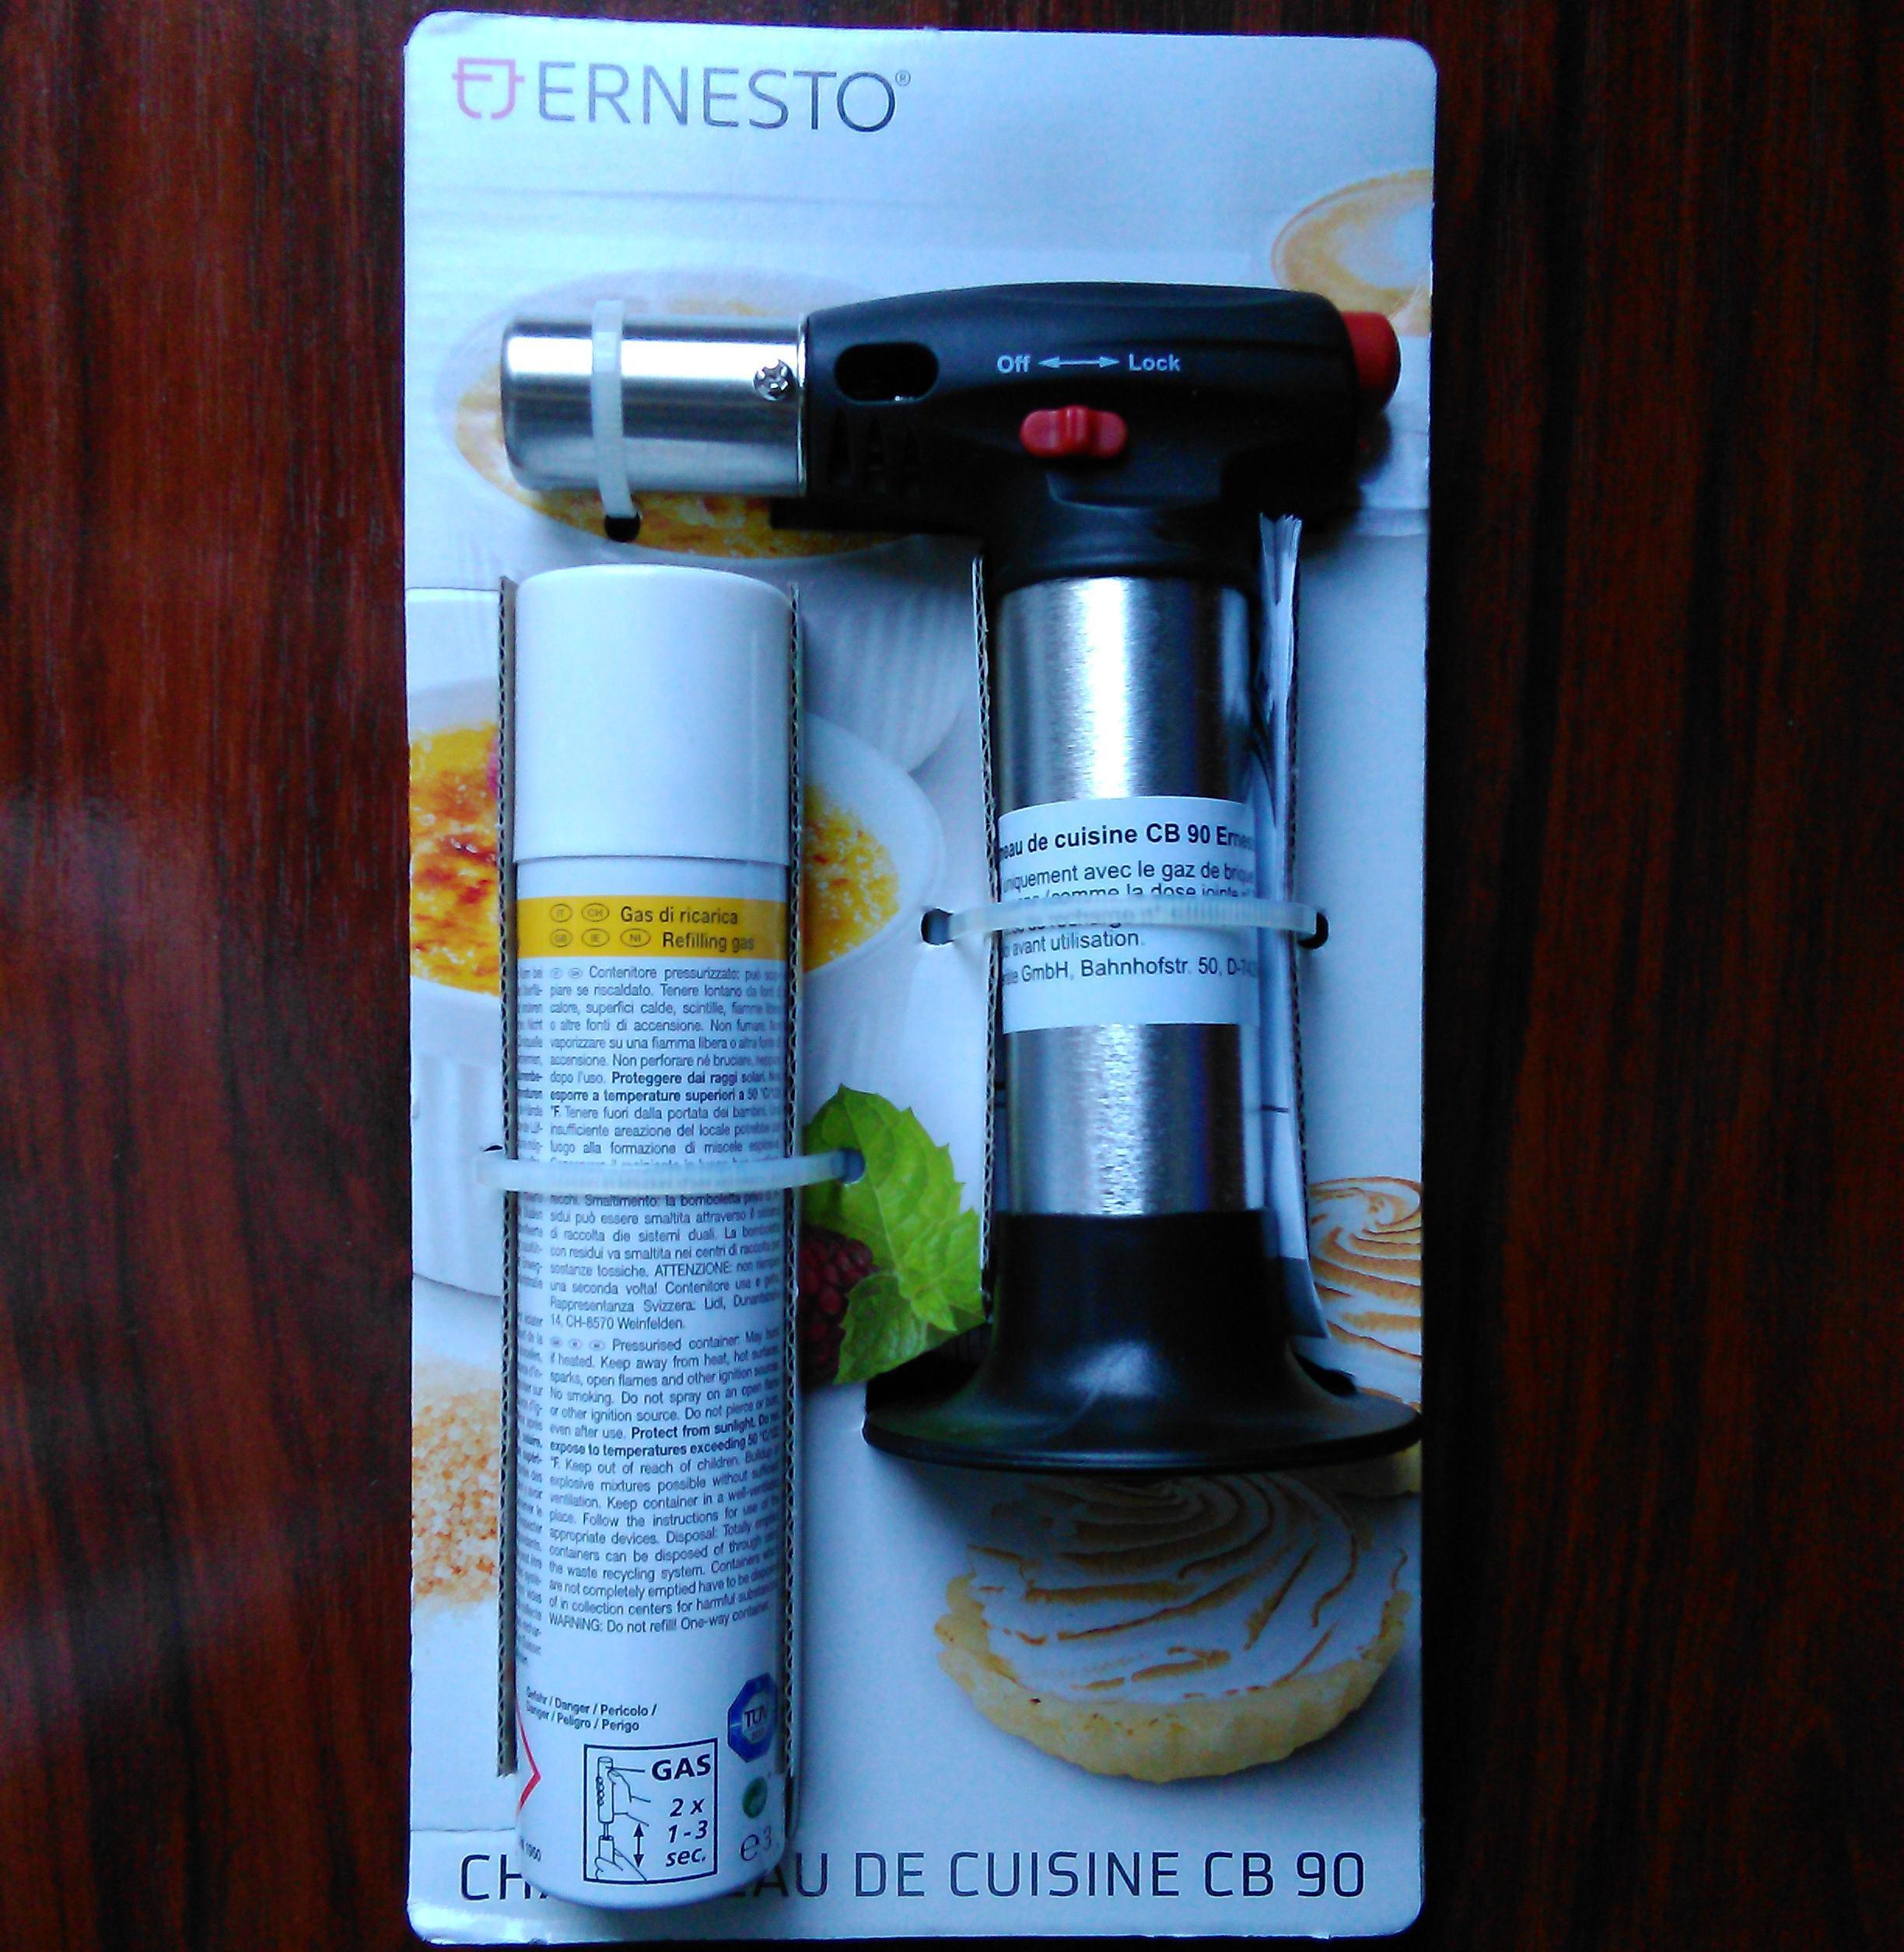 chalumeau de cuisine ernesto avec une recharge de gaz. Black Bedroom Furniture Sets. Home Design Ideas